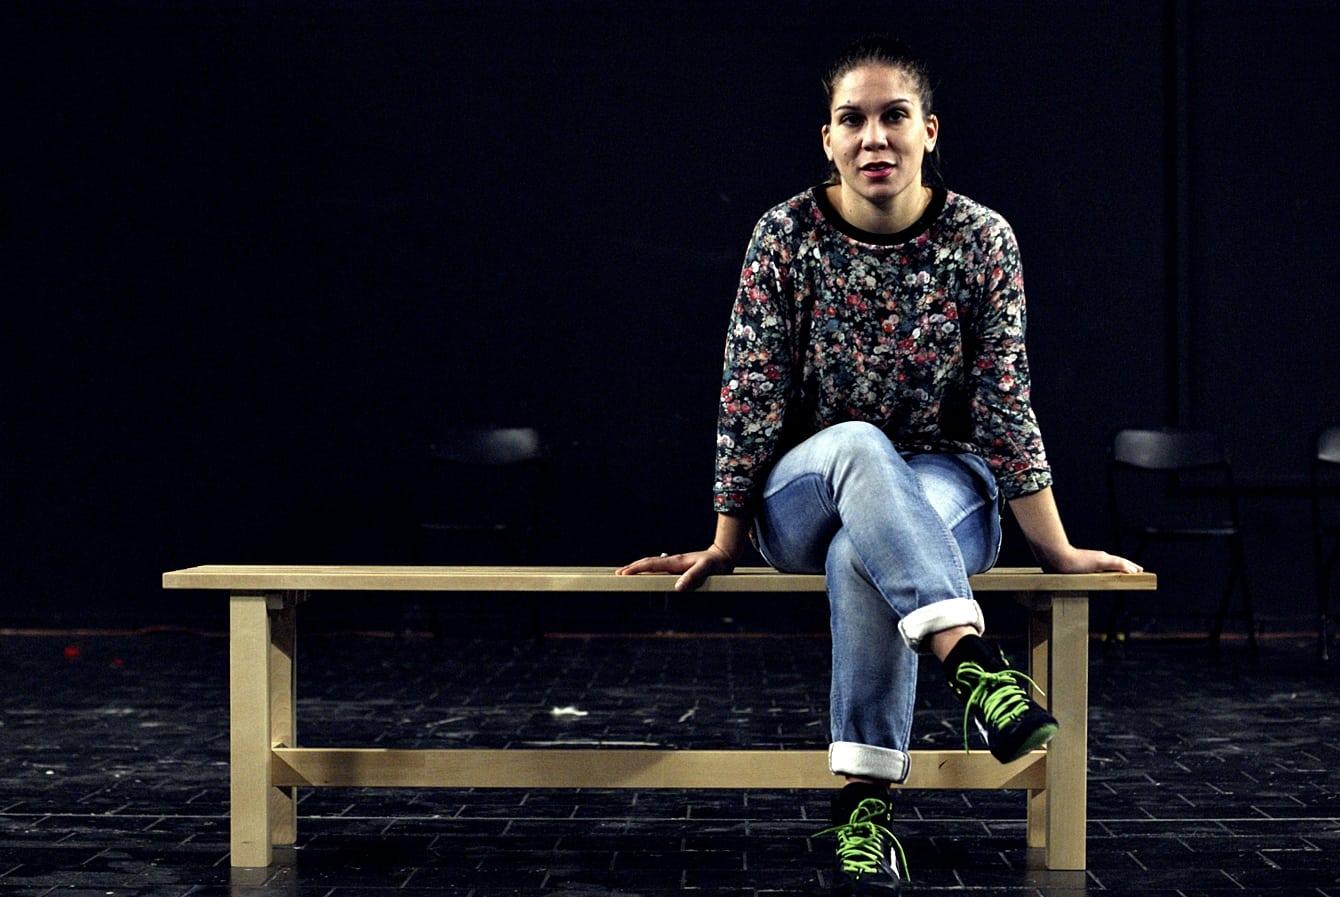 Συνέντευξη με την Ελίνα Ρίζου.